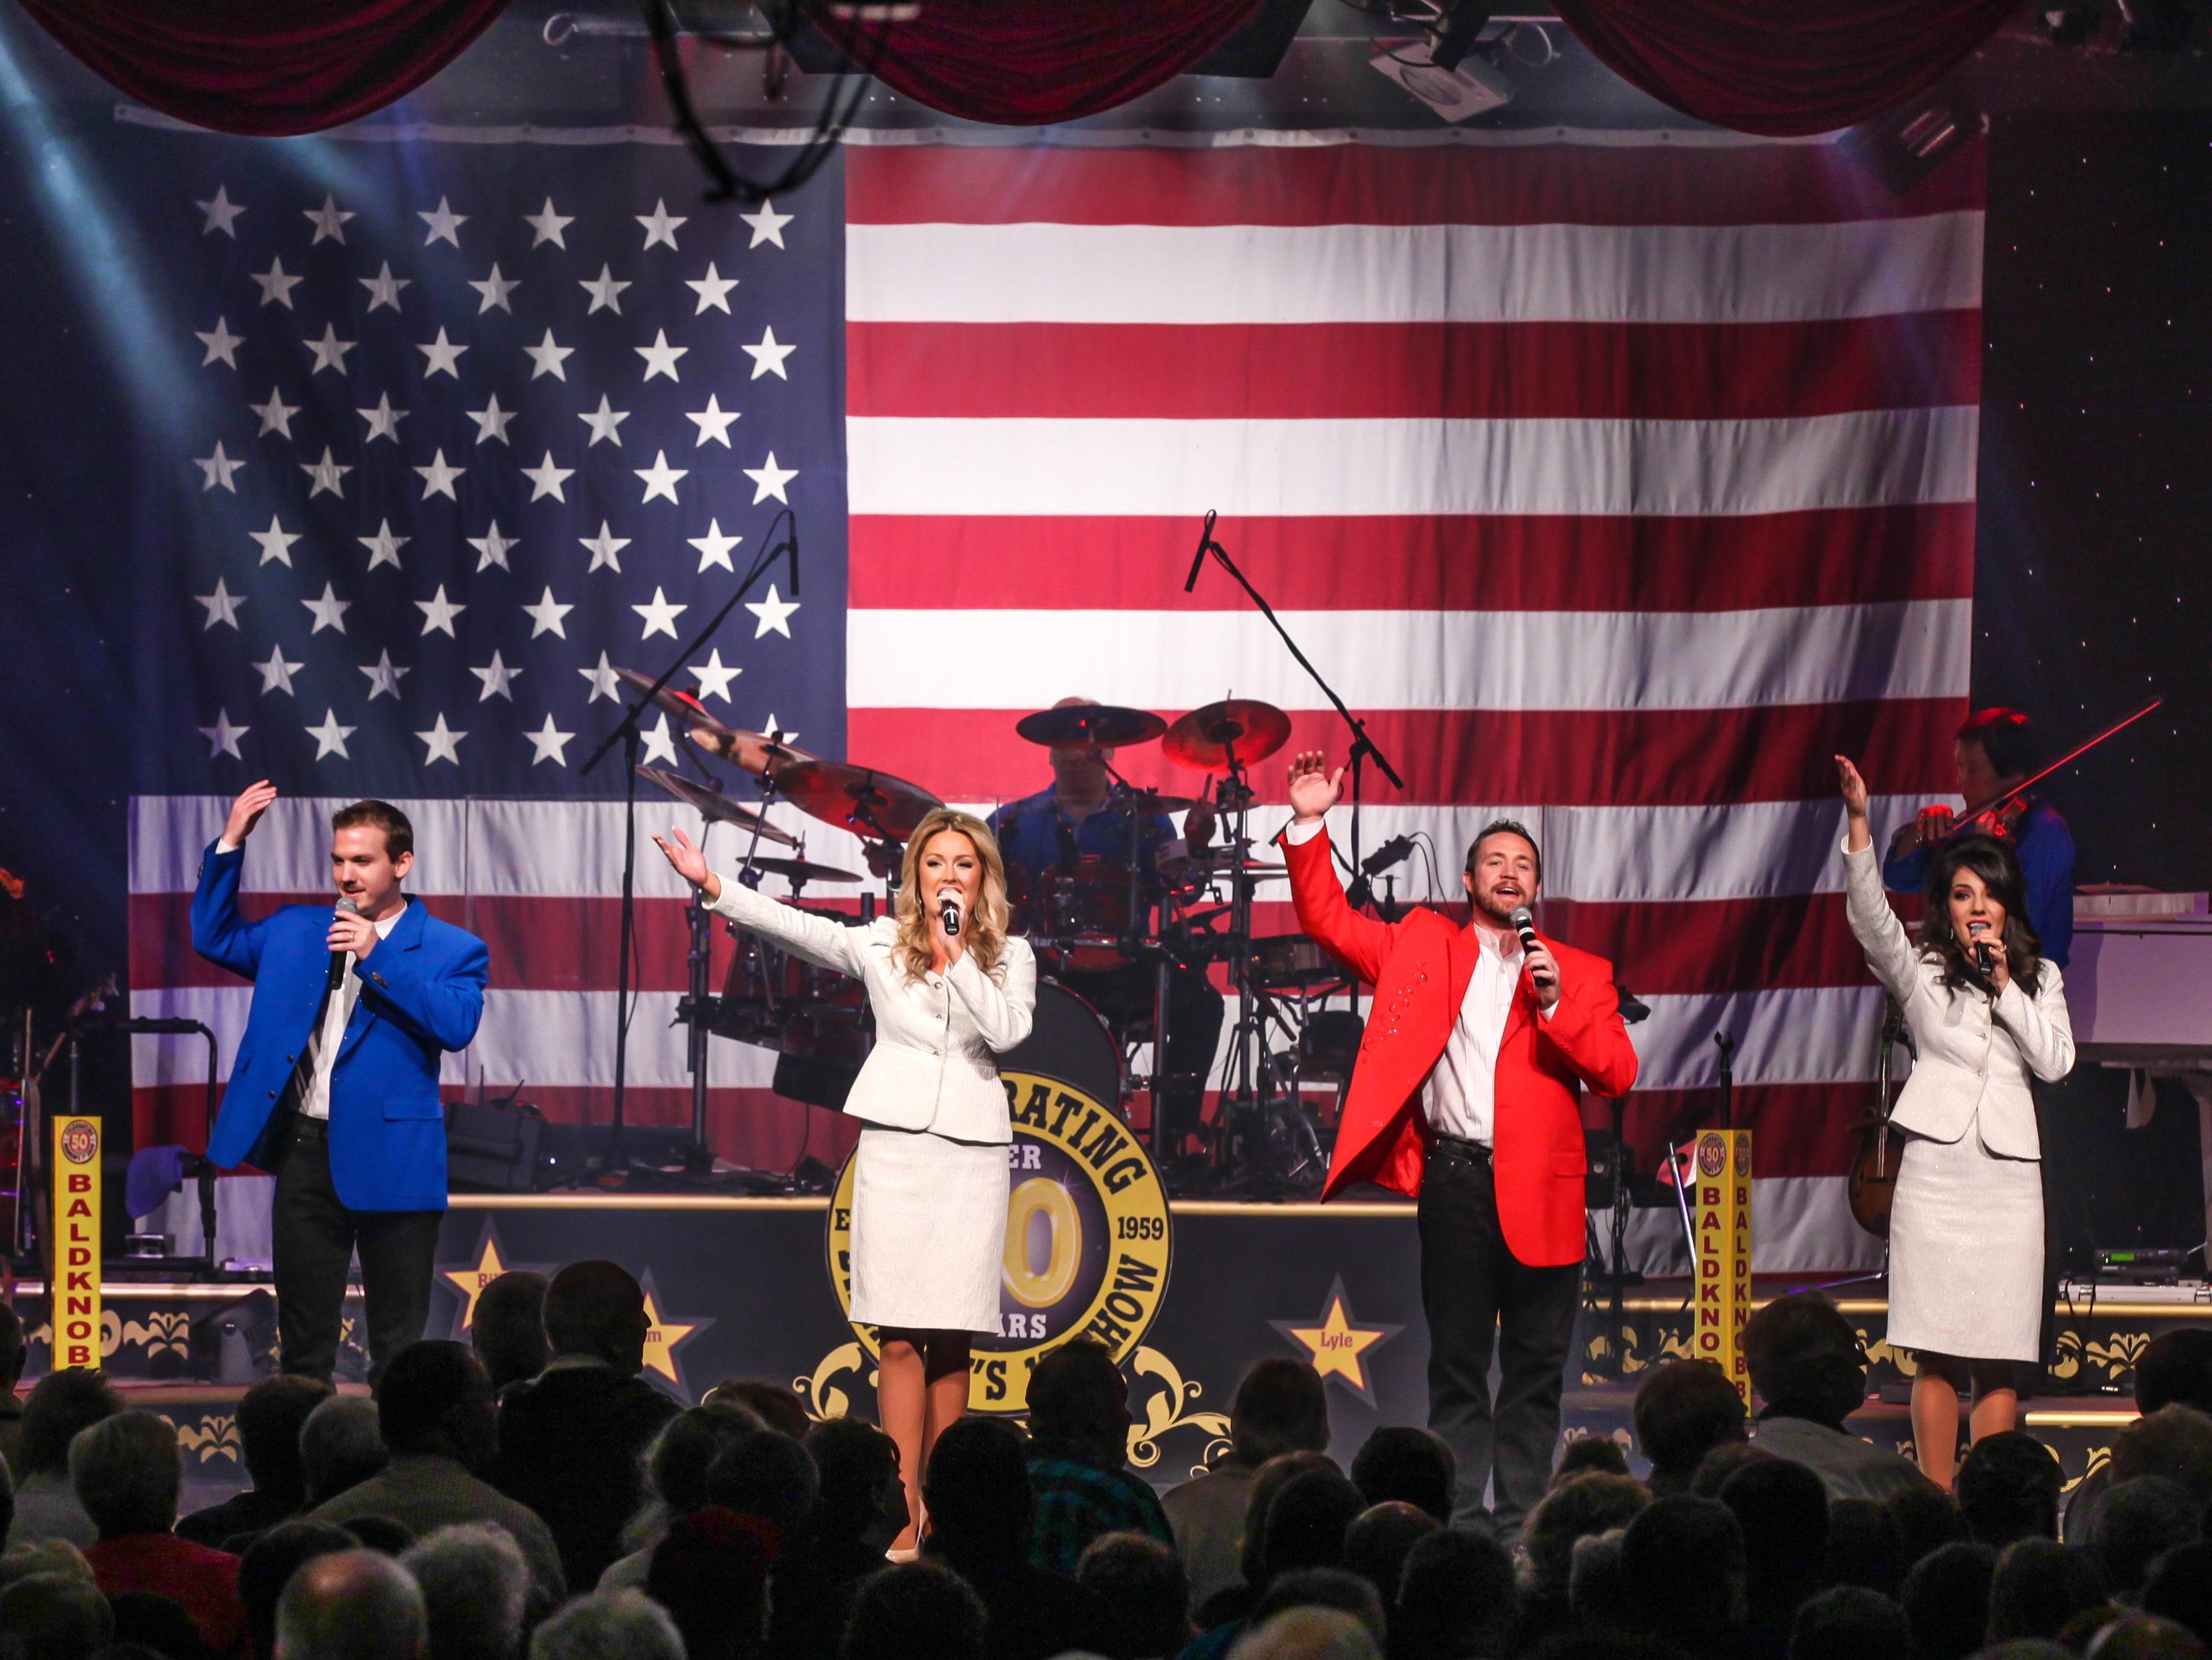 Patriotic Tribute Show in Branson